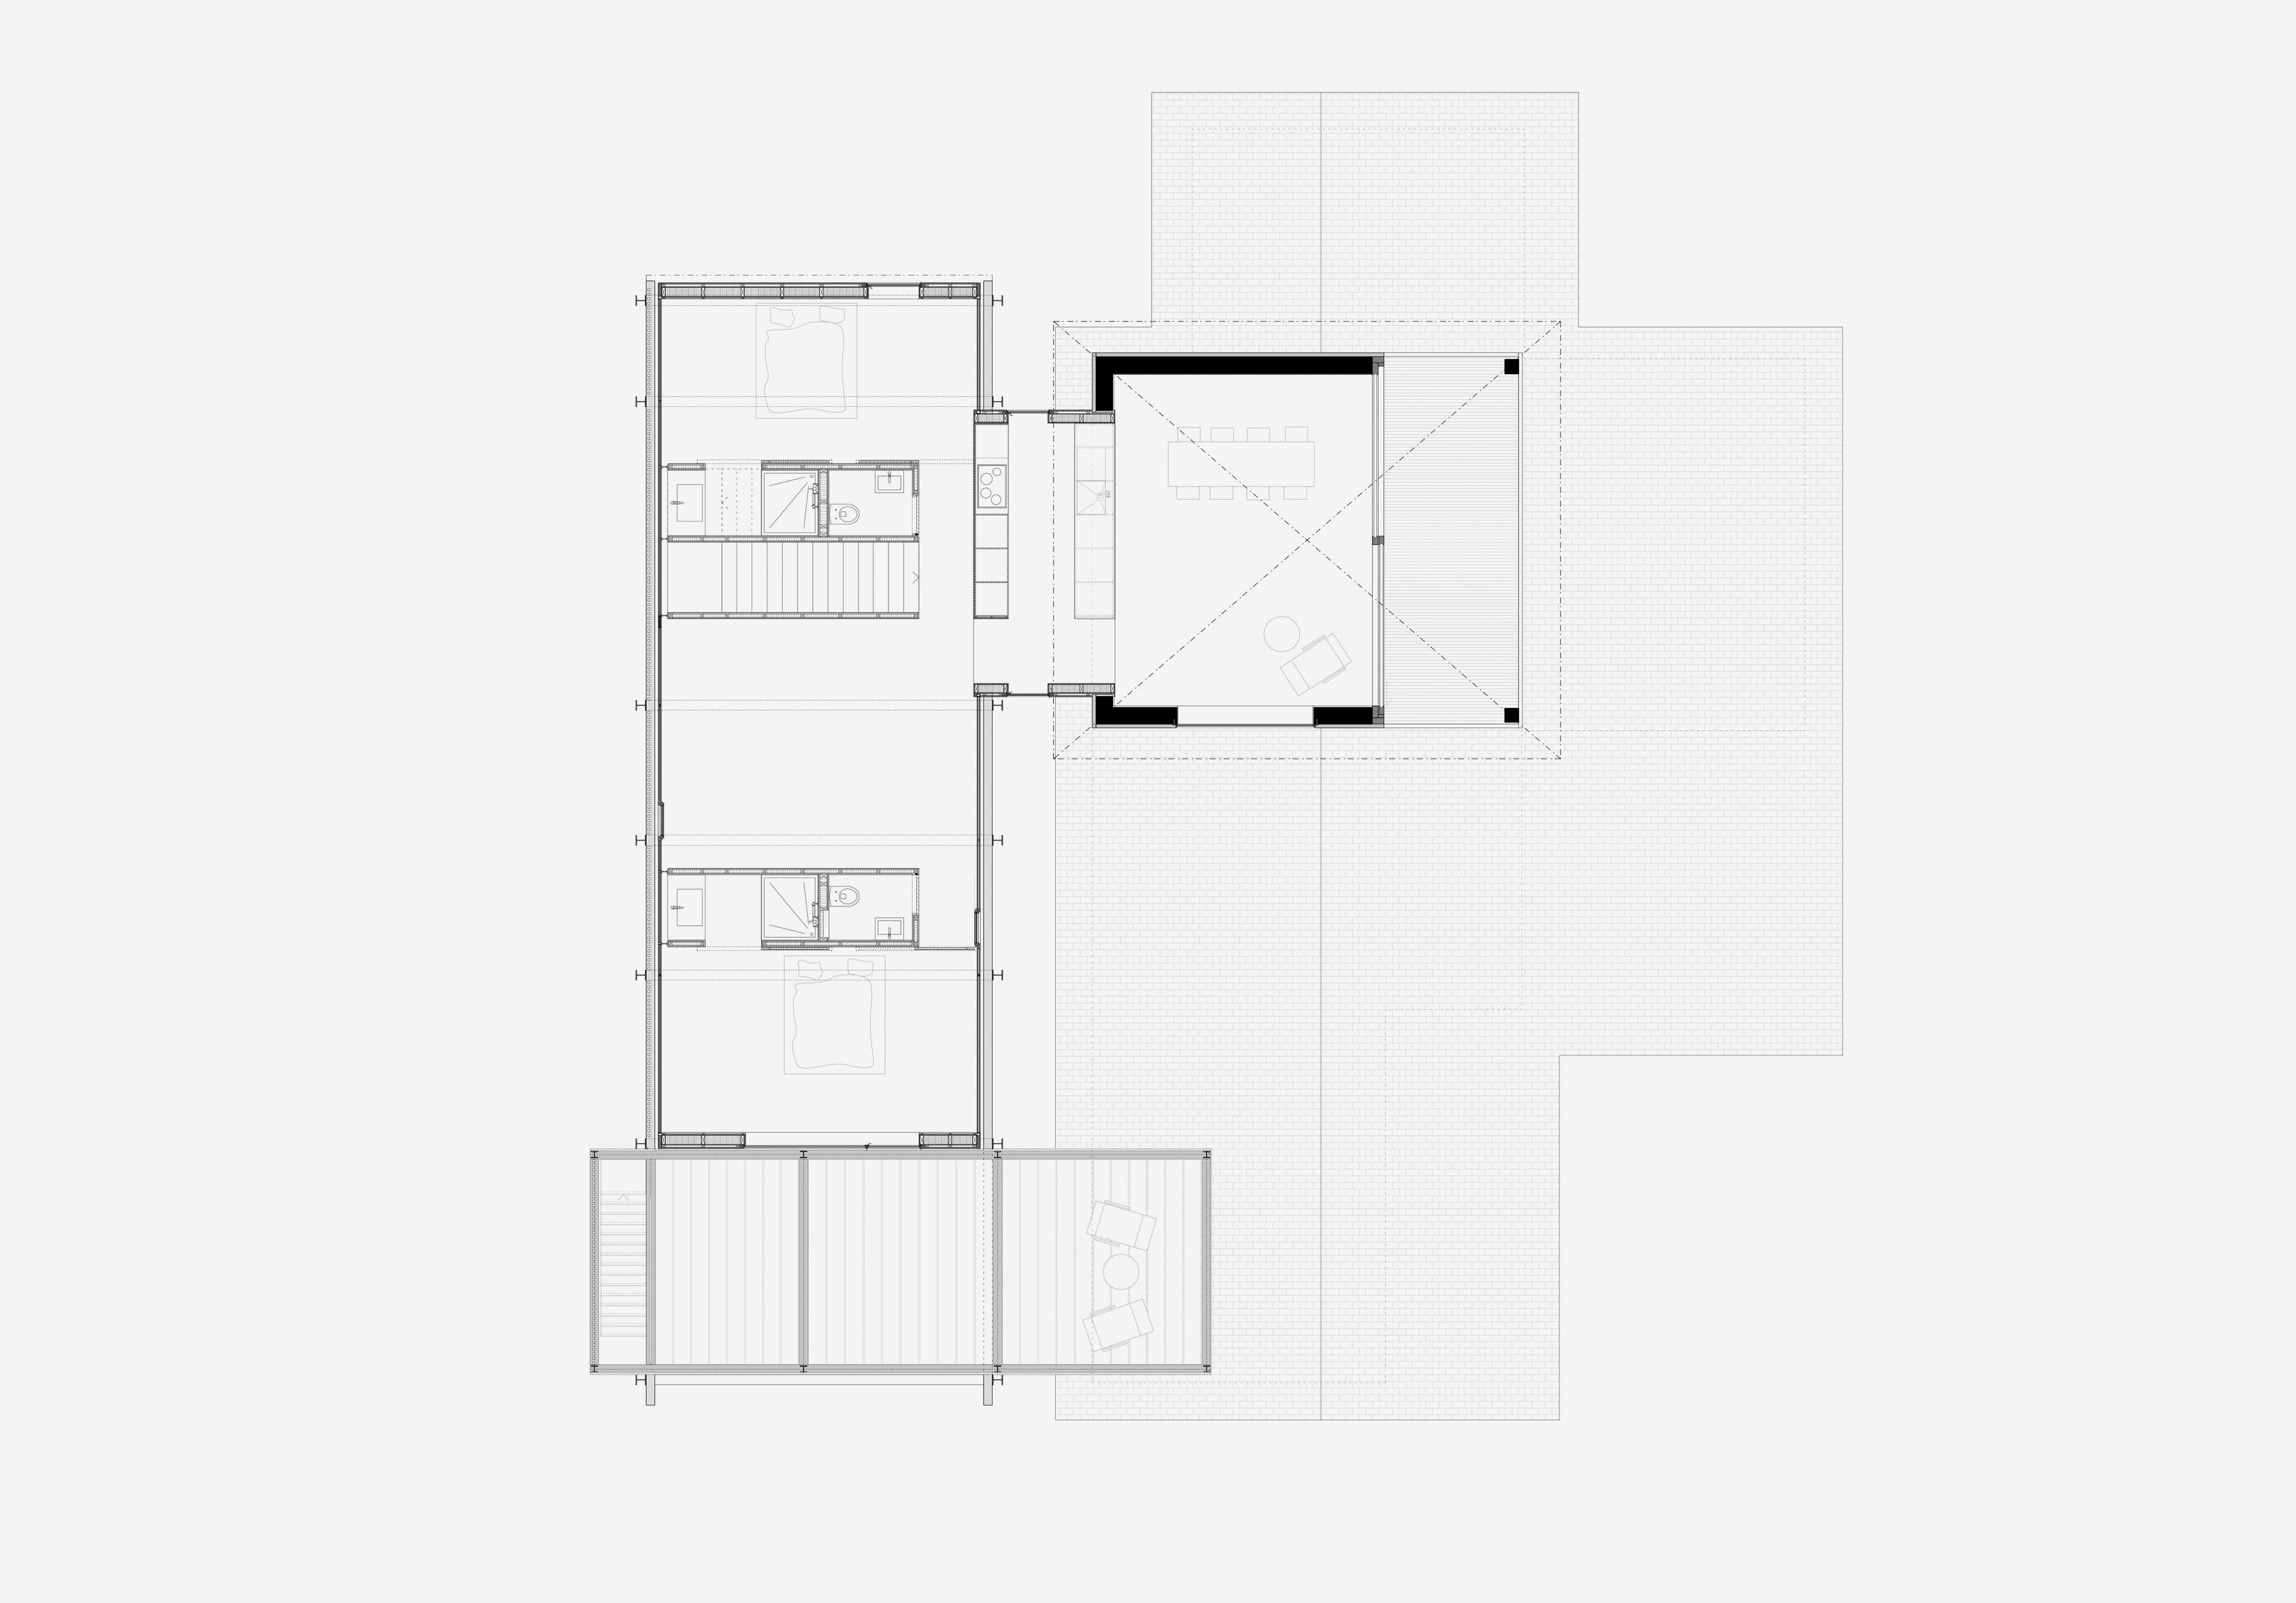 Umbau Villa am See Pella: Obergeschoss